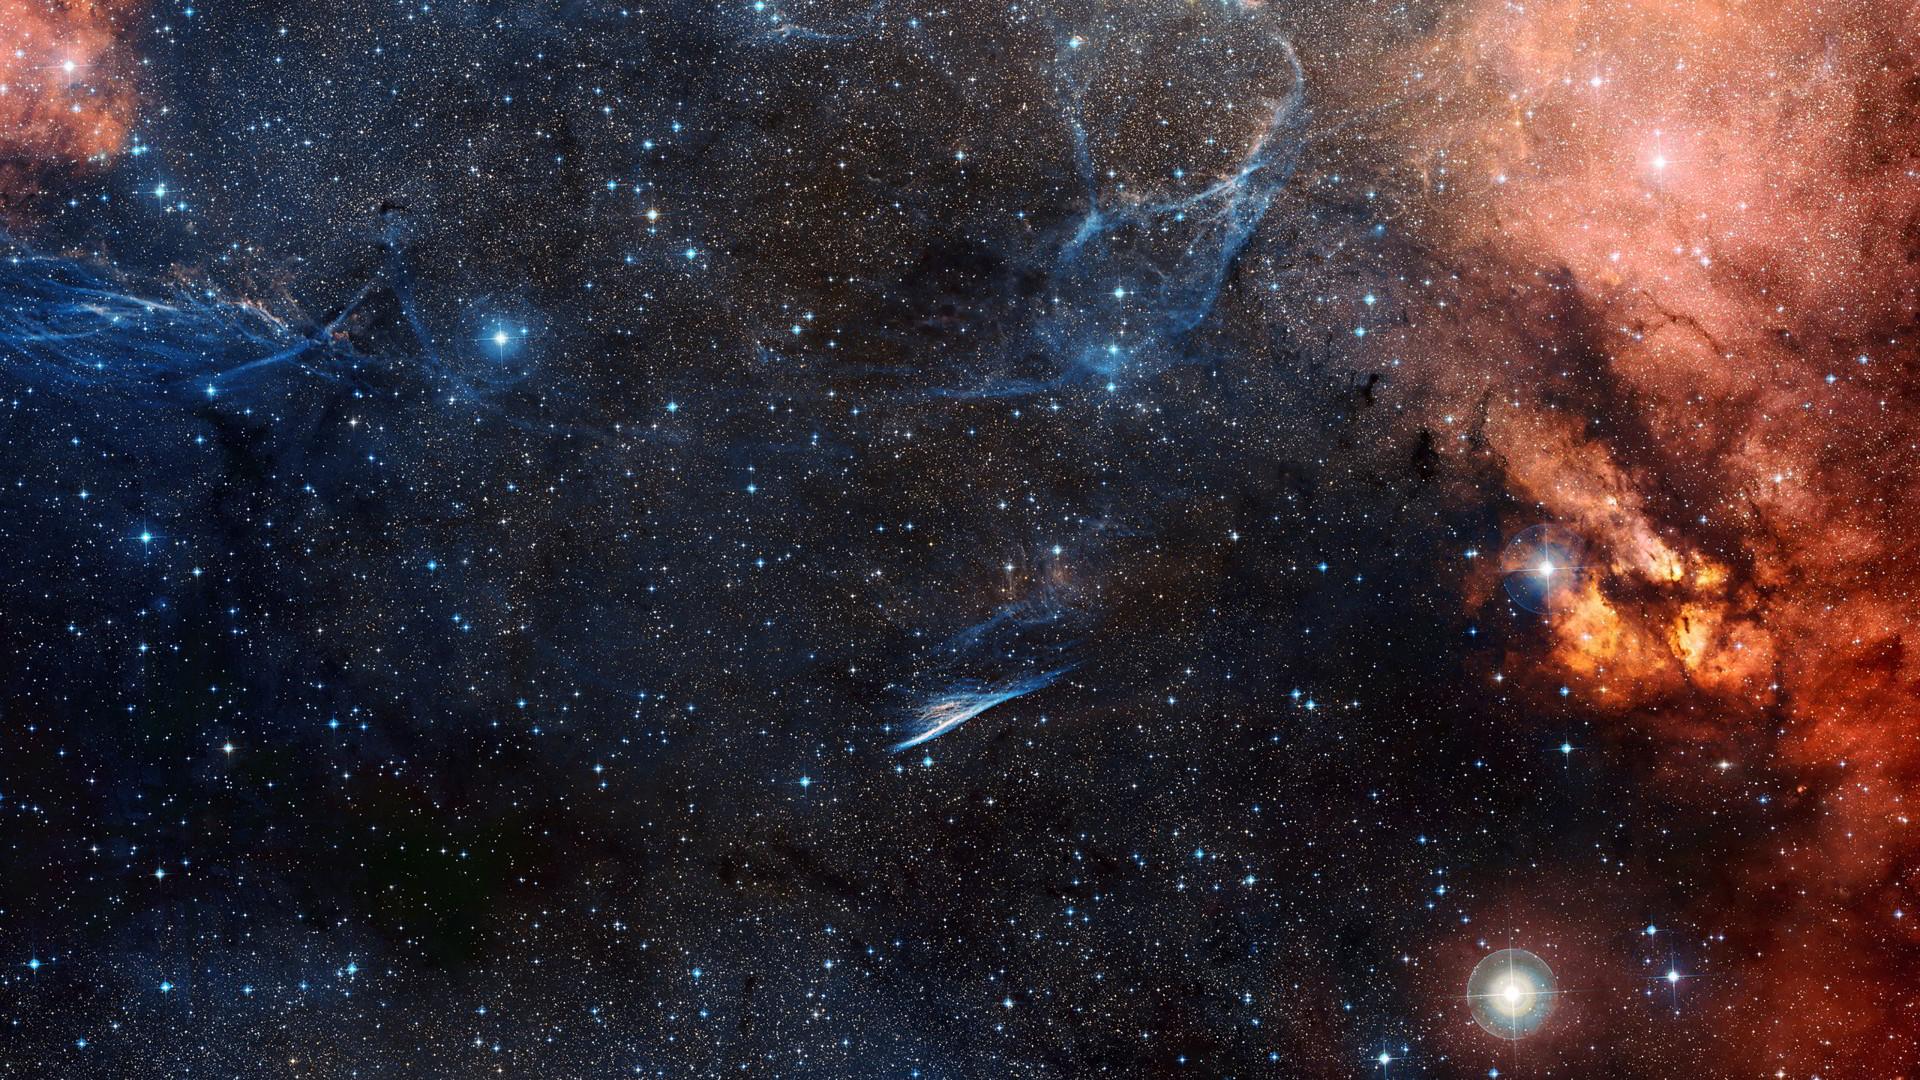 Ảnh hd 4k tuyệt đẹp về không gian